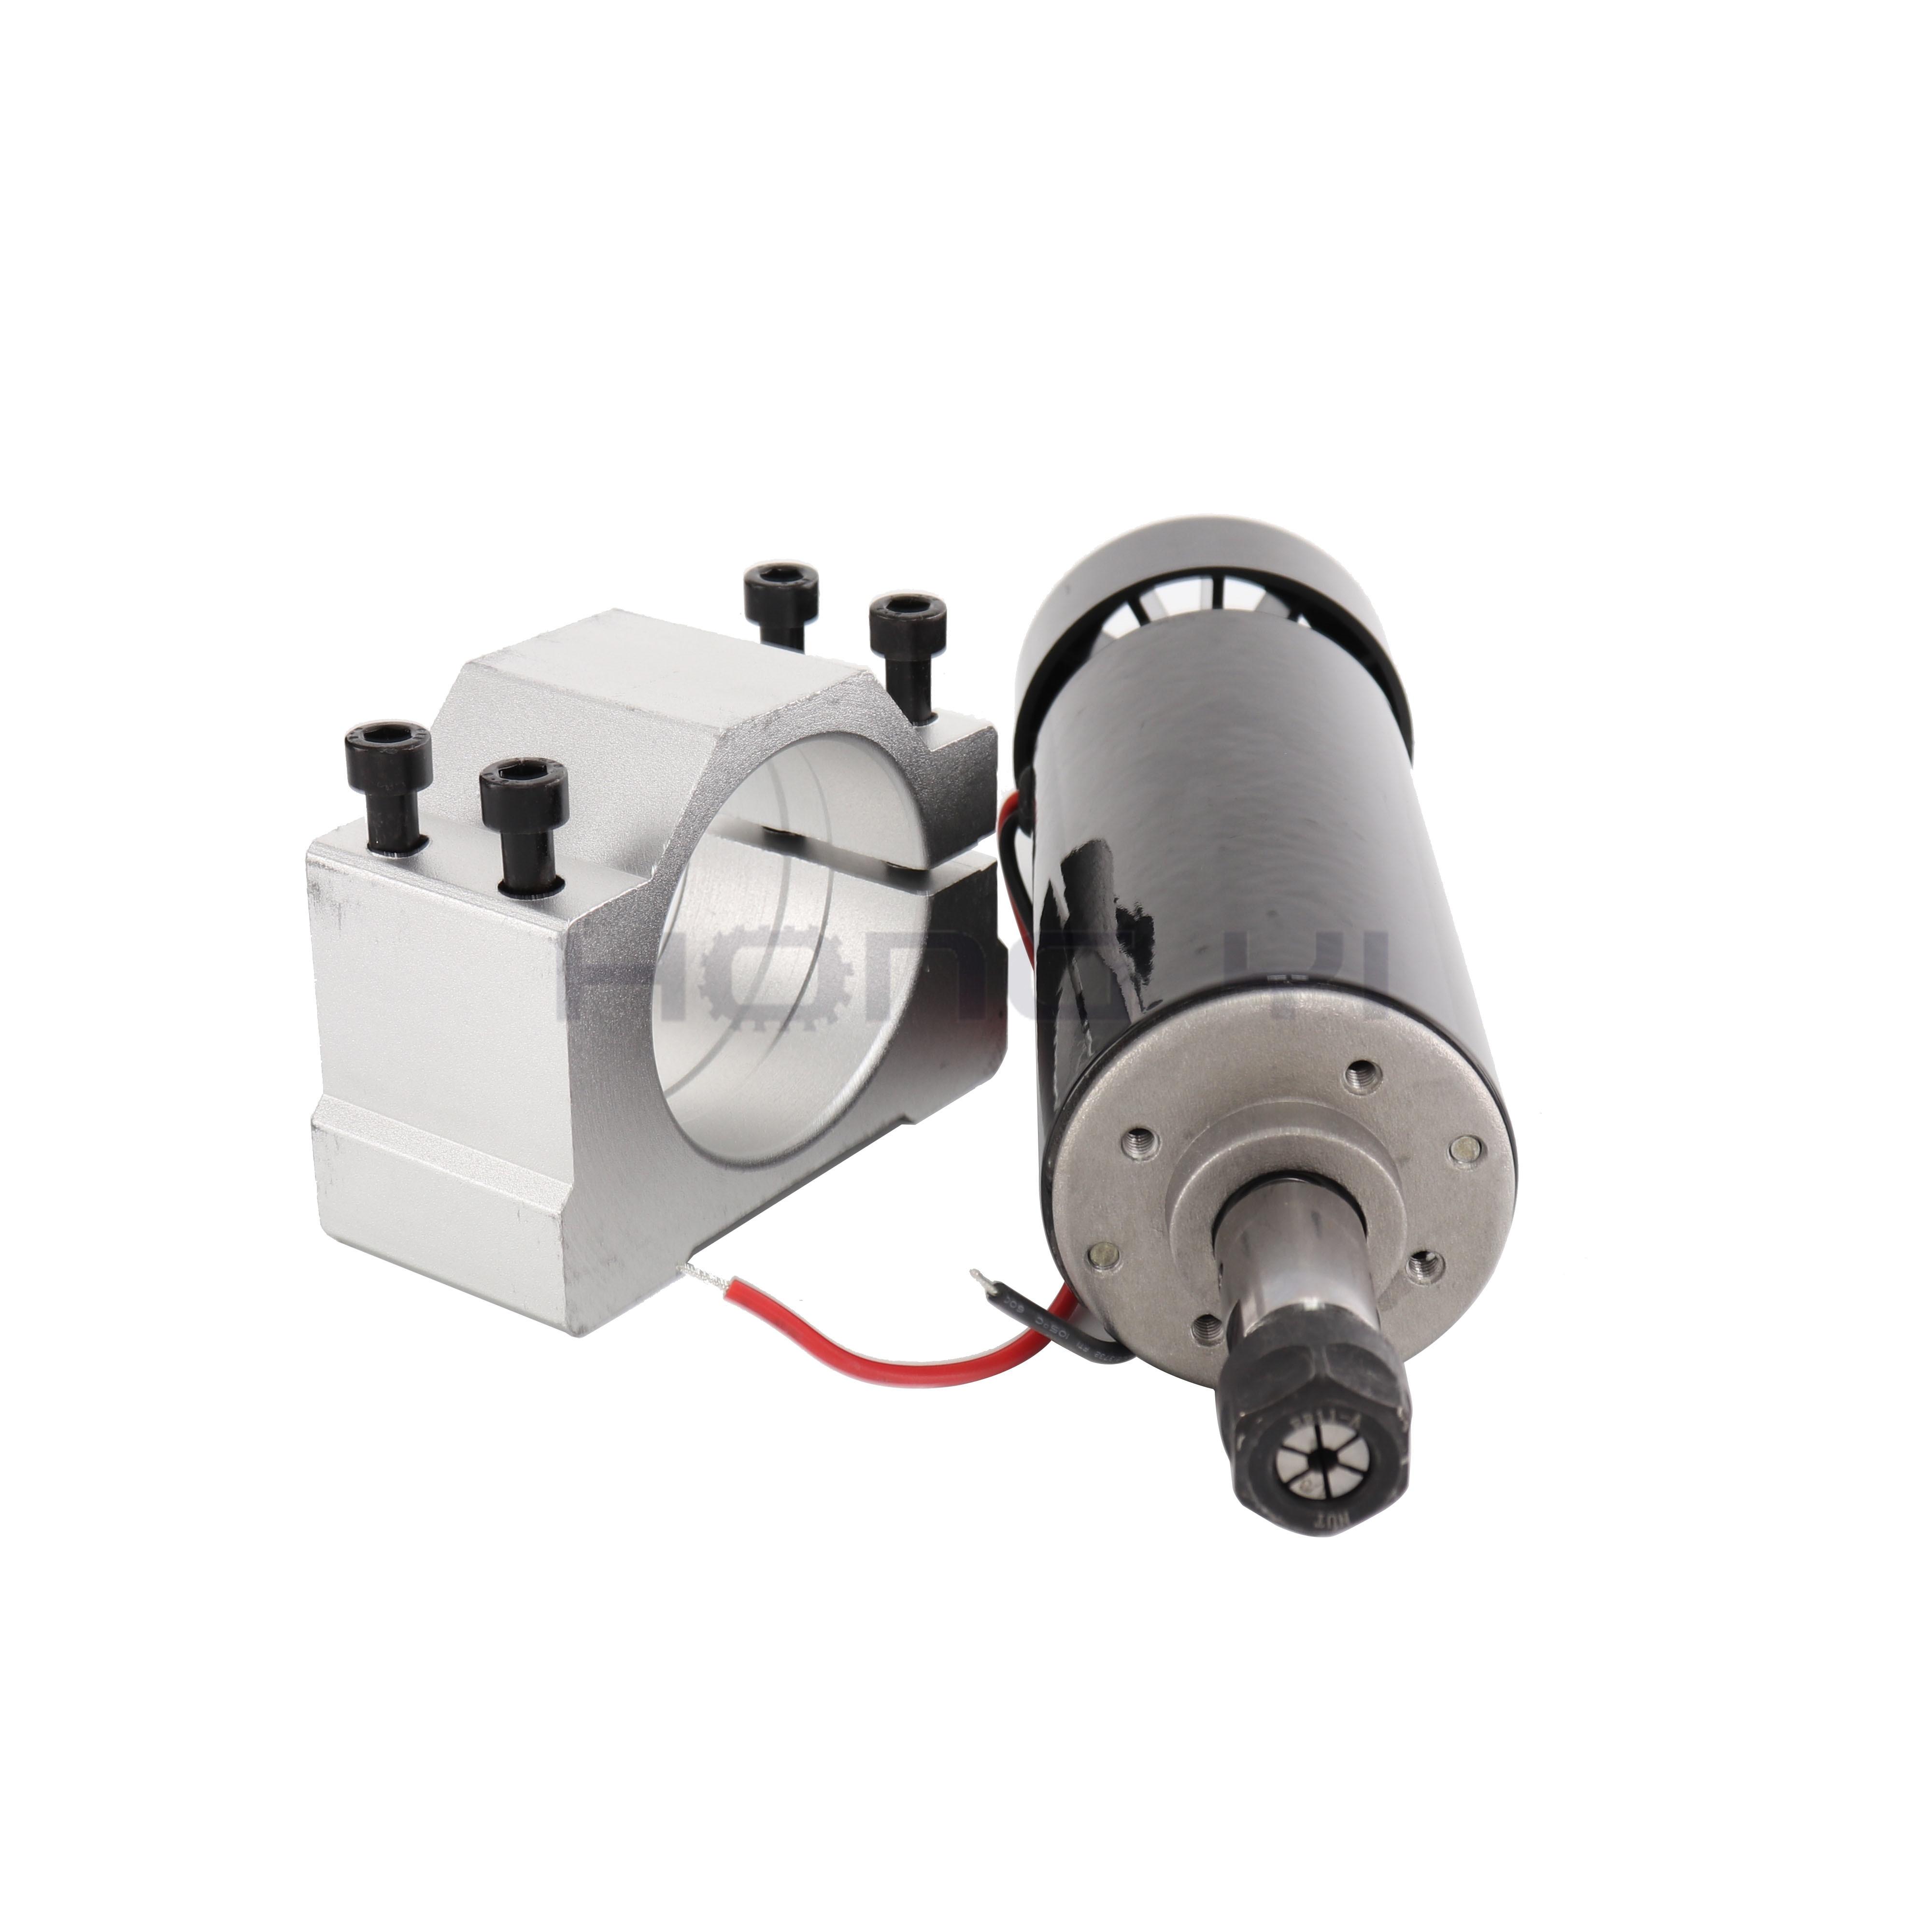 Мотор шпинделя 500 Вт с воздушным охлаждением кВт фрезерный мотор + преобразователь скорости вращения шпинделя + и 52 мм зажим + 13 шт. er11 Цанга д...